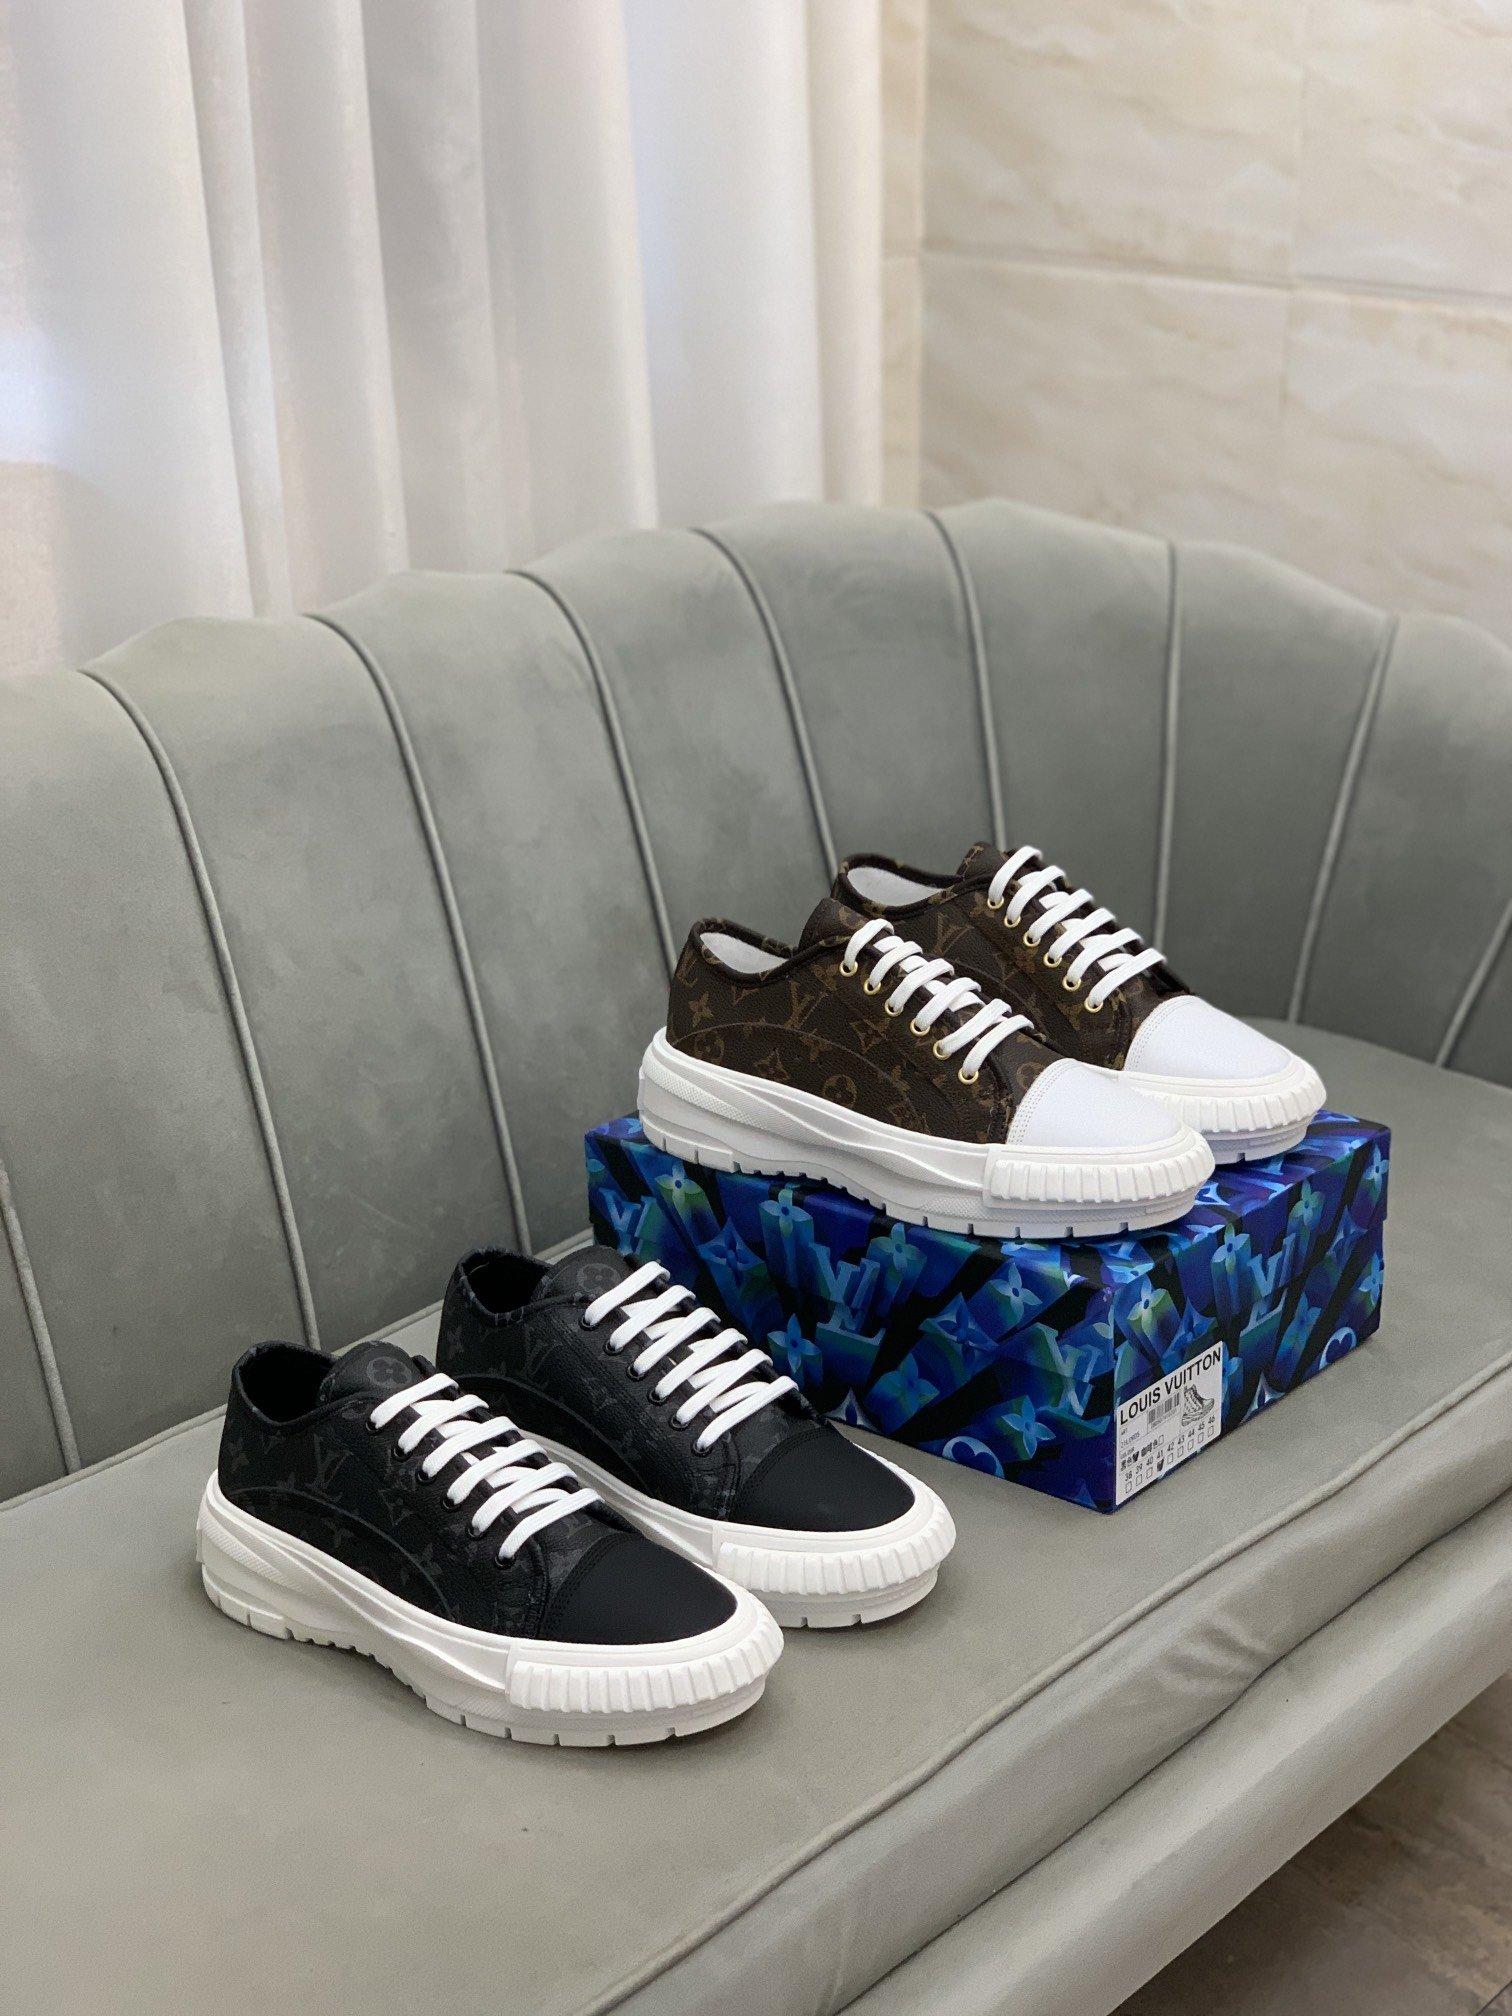 LV*路易威*低帮休闲鞋正码码数:3